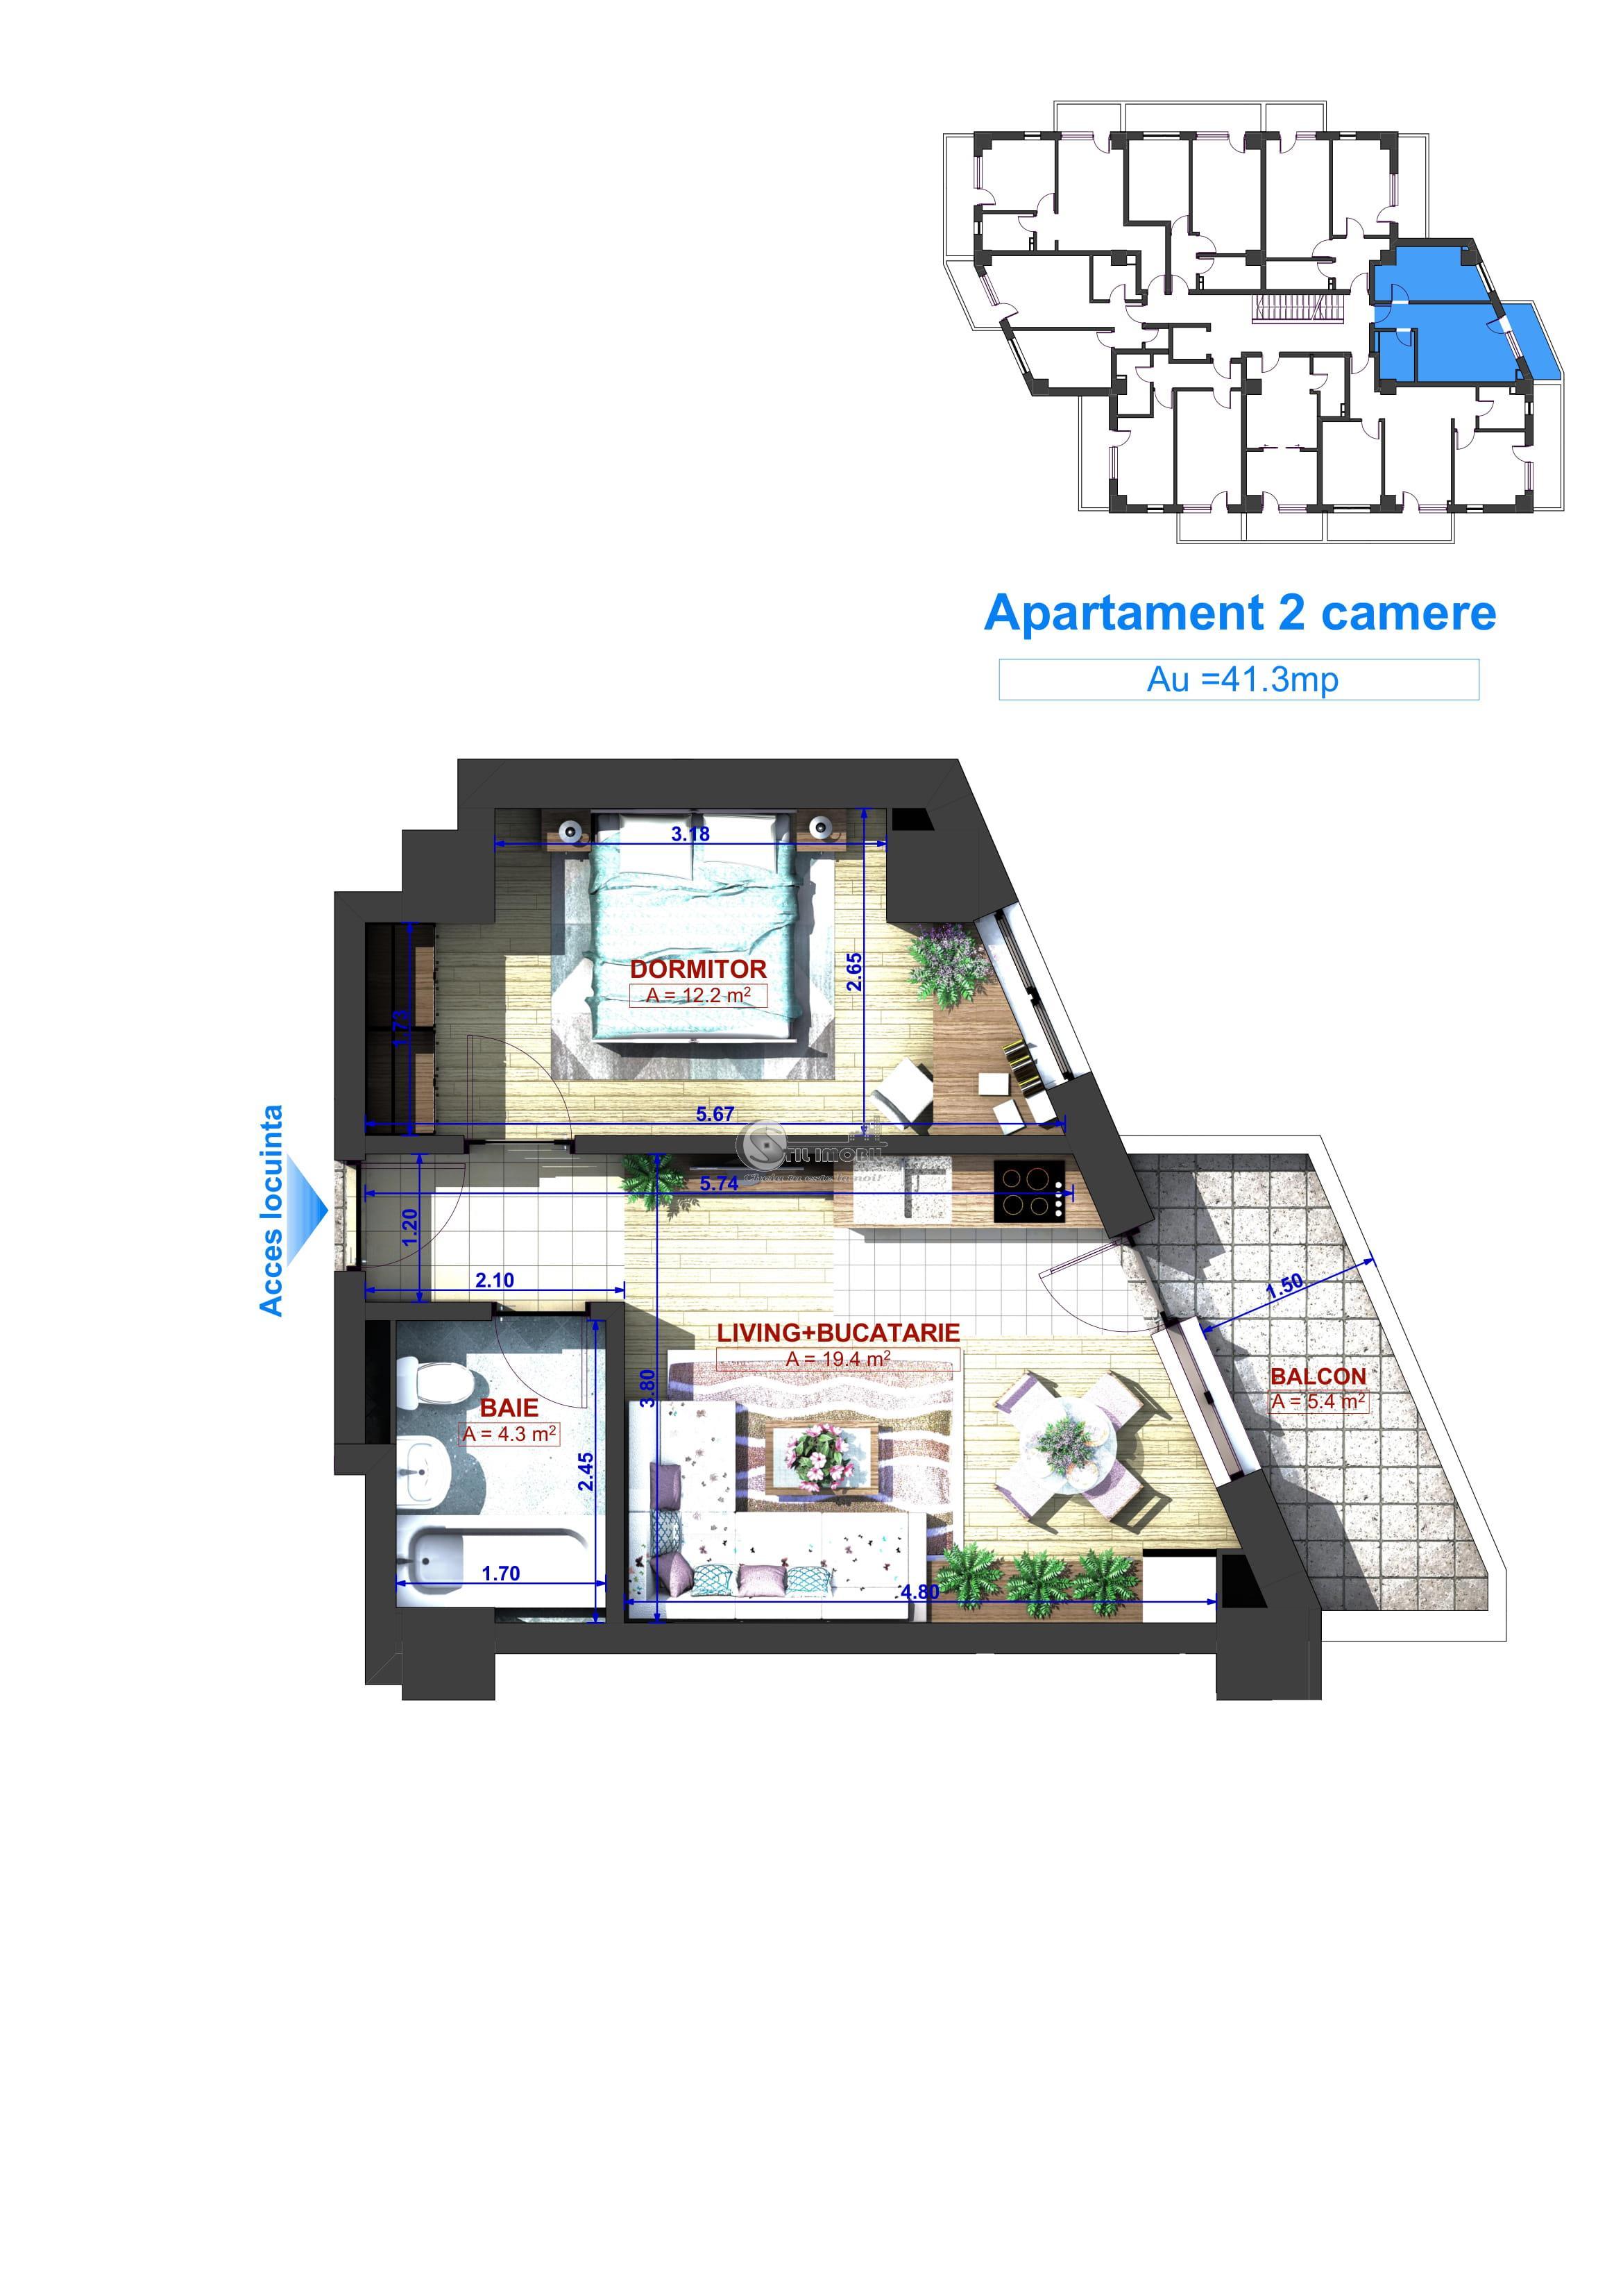 Apartament 2 camere, Bucium, 41,3mp